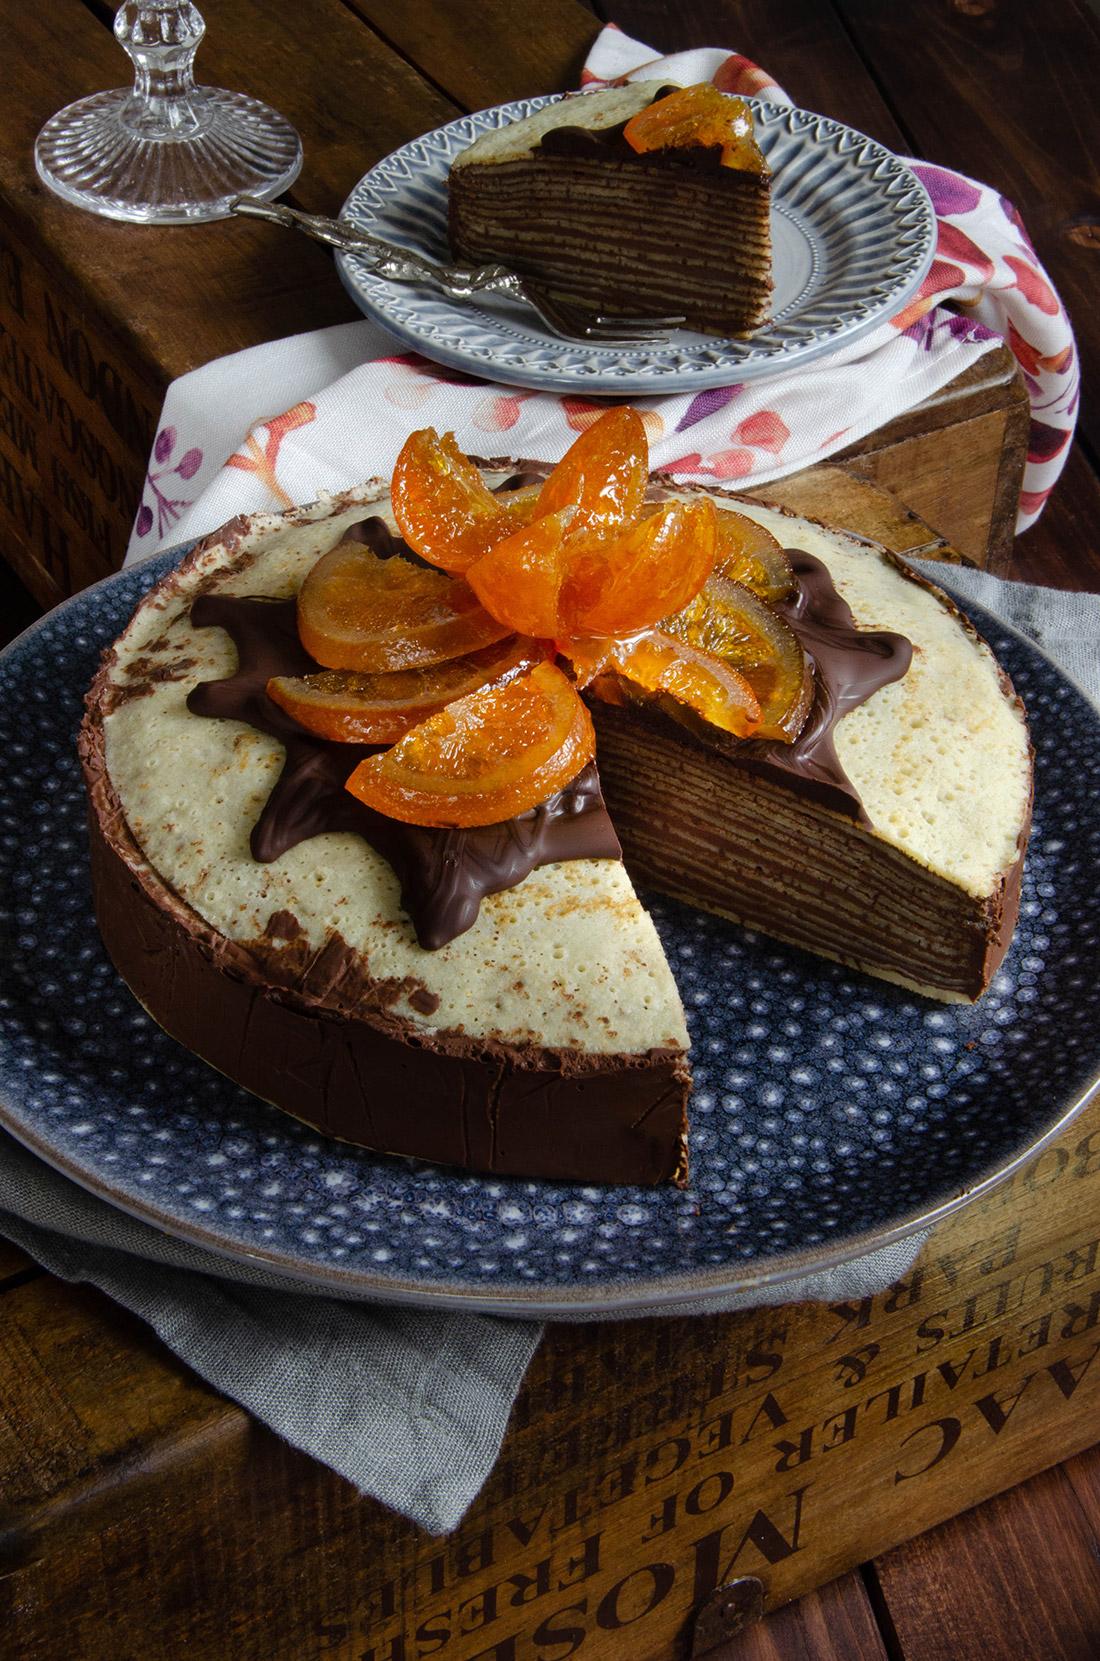 Gâteau de crêpes chocolat orange confite, recette de Chandeleur délicieuse et originale